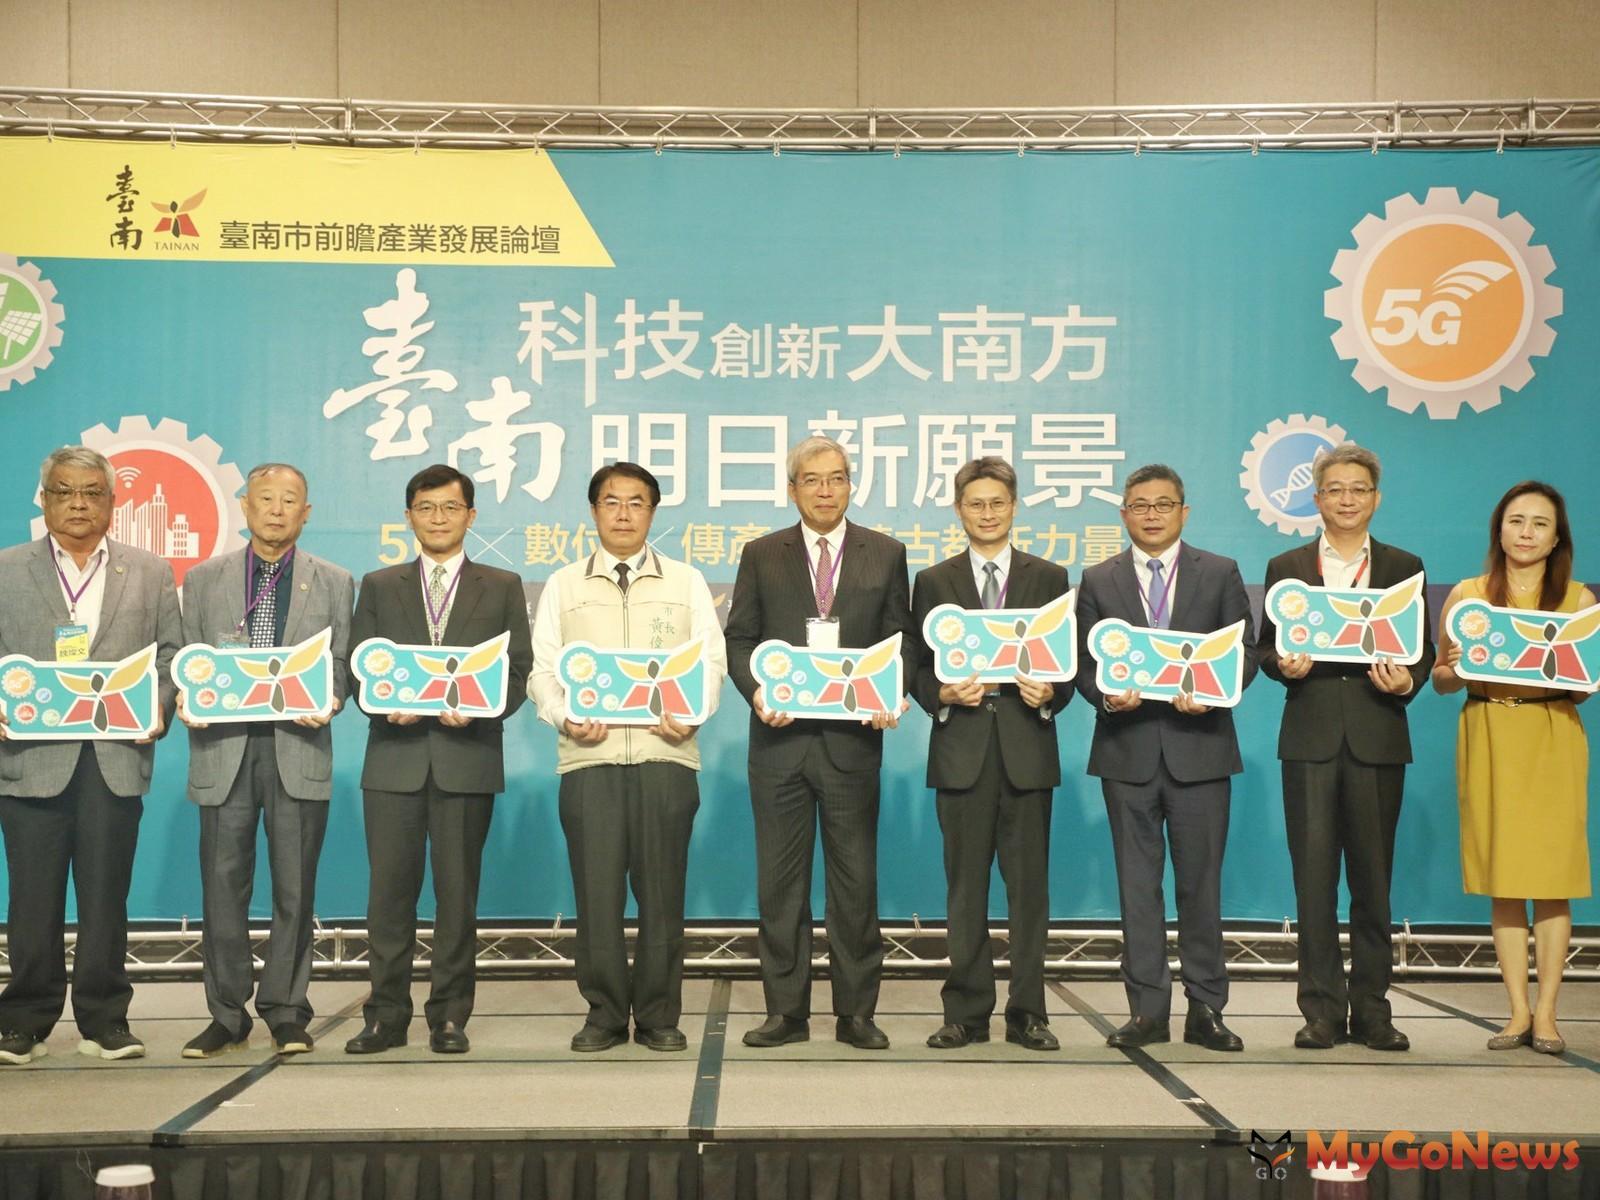 台南市政府2020年9月29日於大員皇冠酒店辦理「2020年前瞻產業發展論壇」,由財訊雙週刊社長謝金河主持 MyGoNews房地產新聞 市場快訊